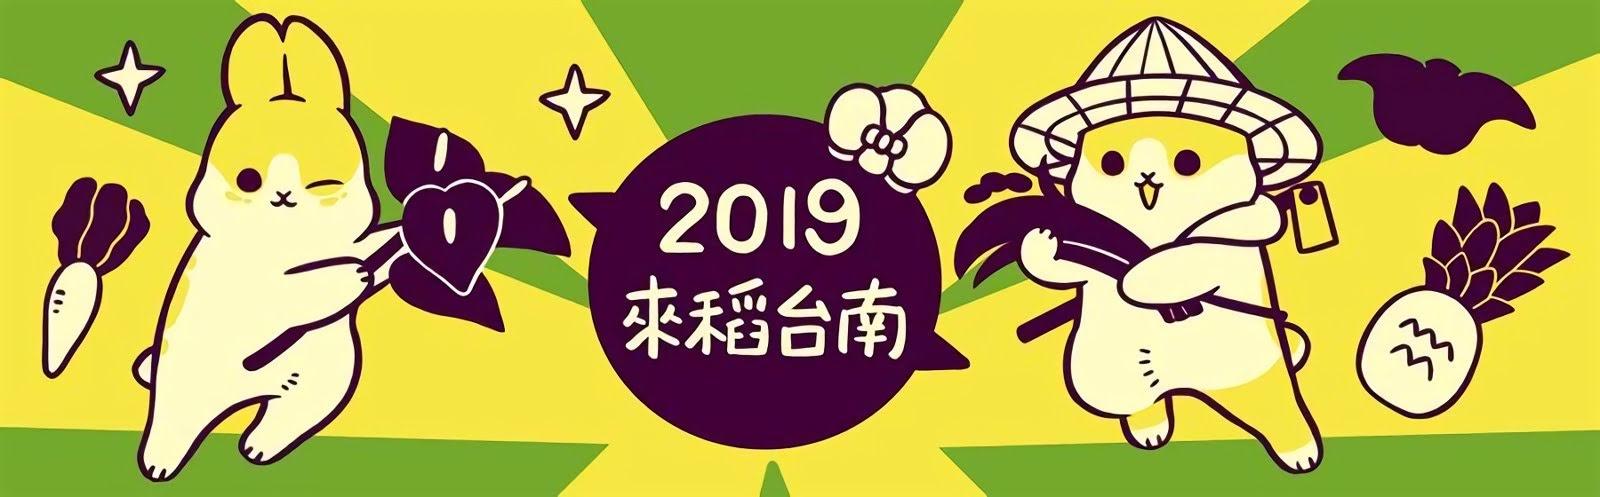 [特輯] 2019台南雙十連假哪裡玩?|超人氣夕陽、泡湯、秘境懶人包全攻略